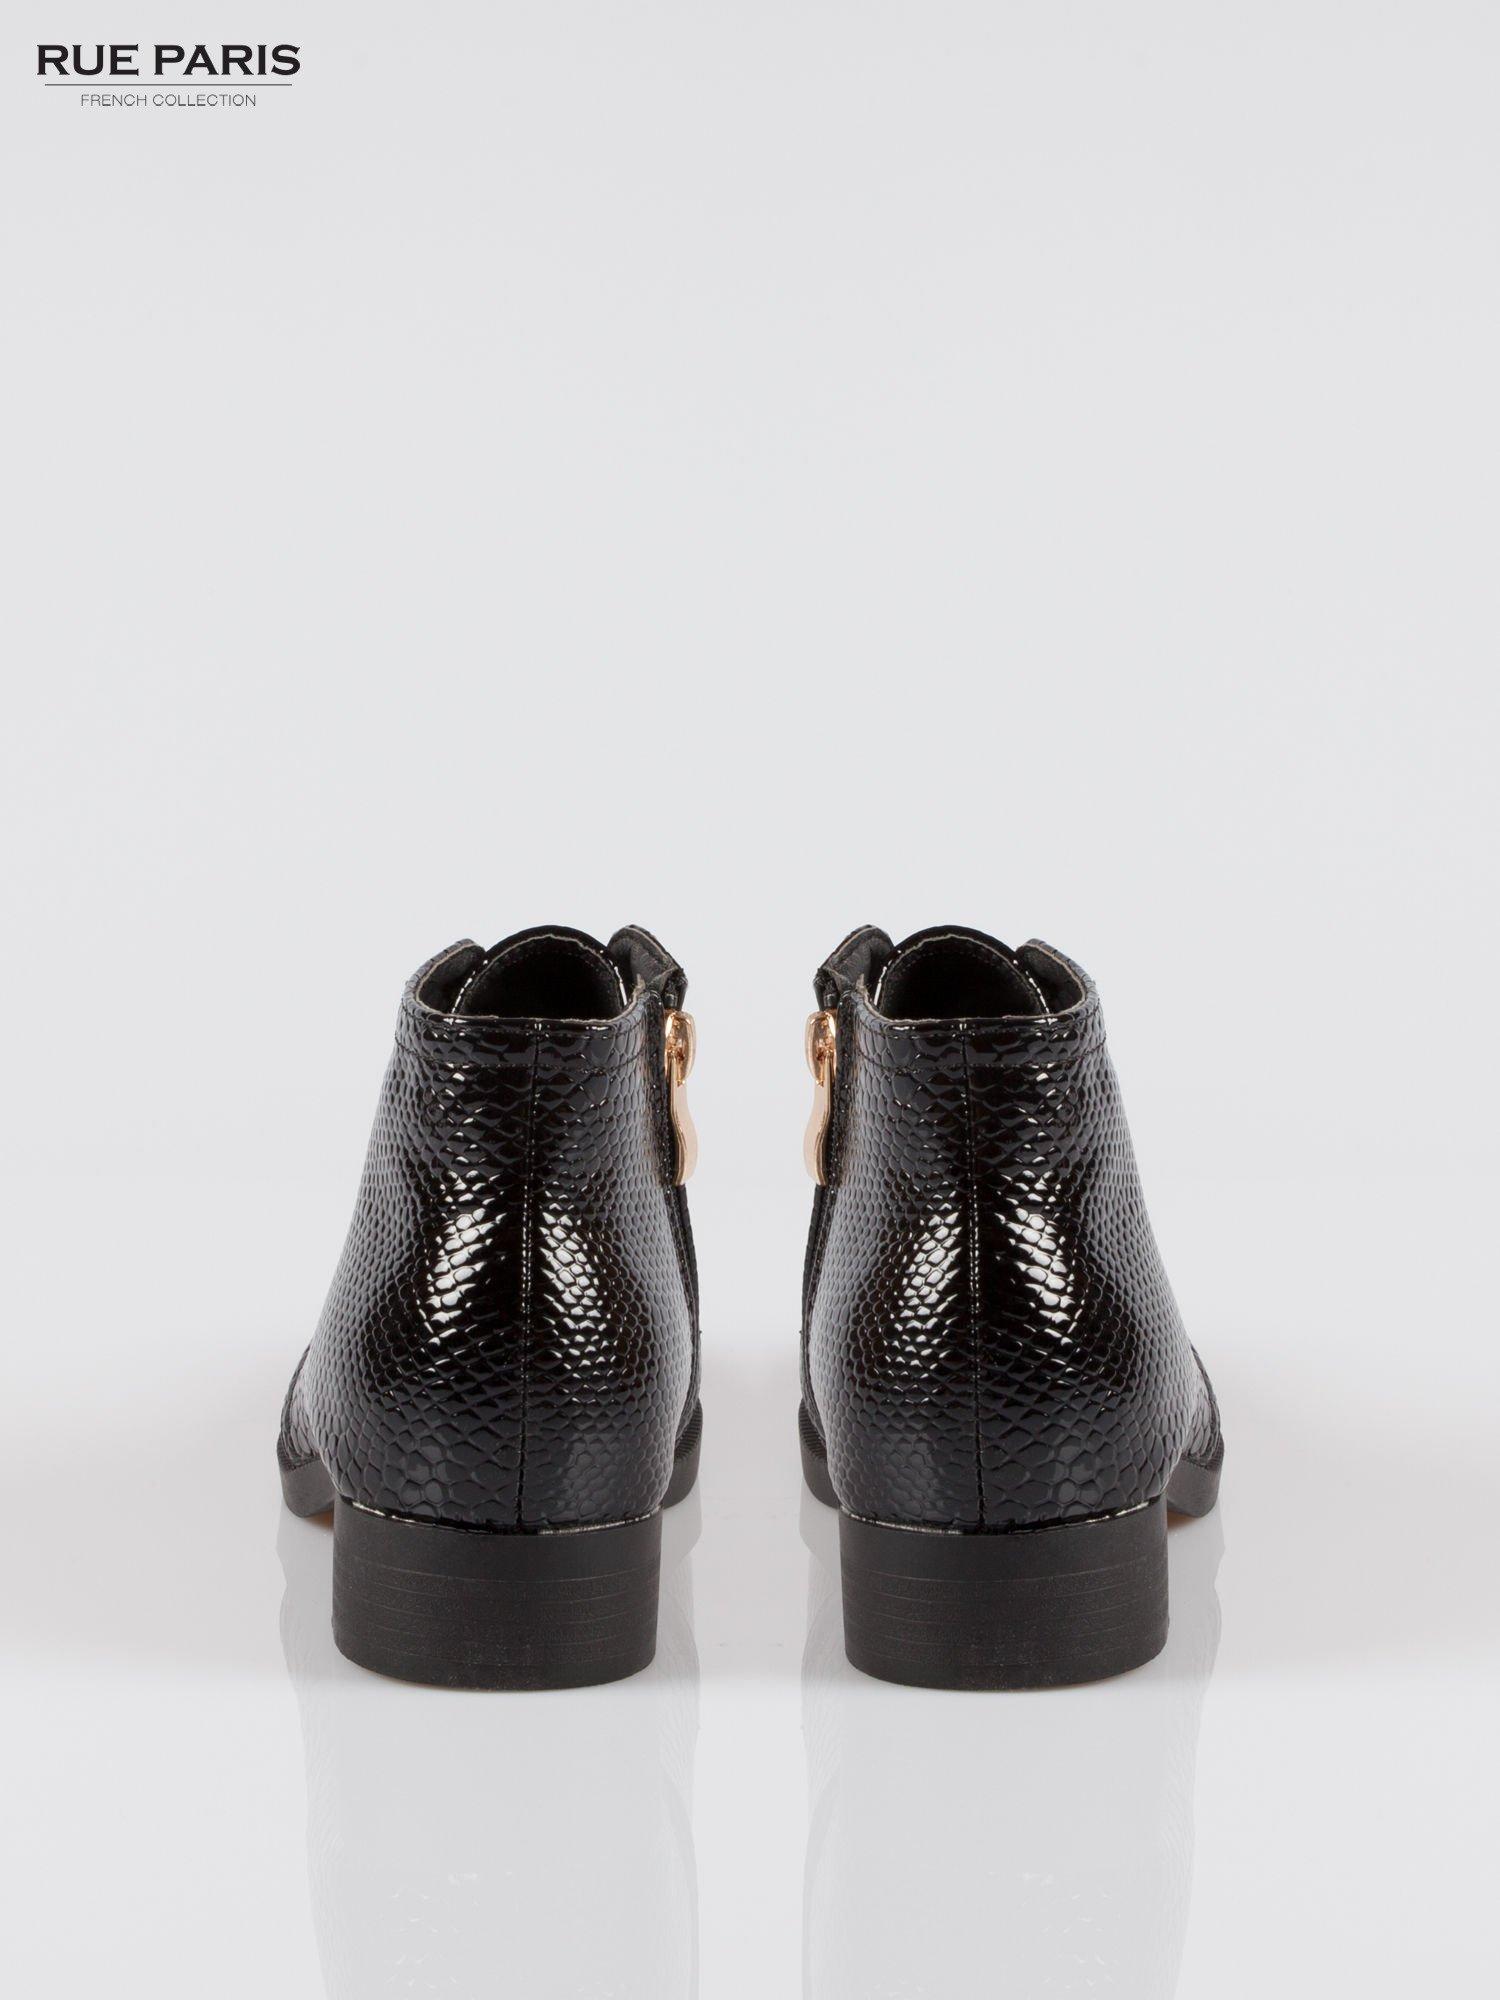 Czarne niskie botki crocodile skin z gumą                                  zdj.                                  3